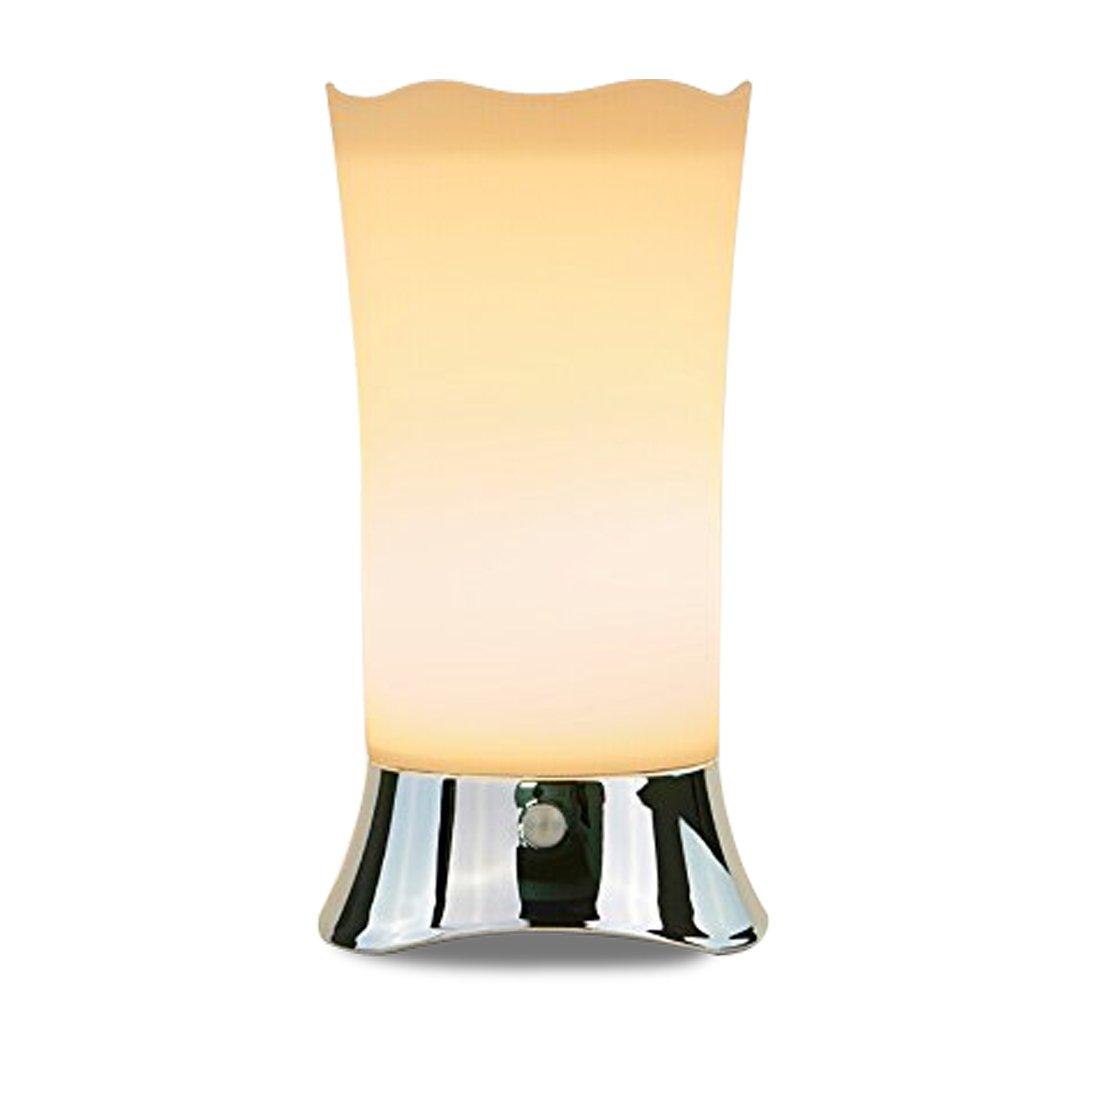 ZEEFO Tischlampe Kinder, LED Nachtlicht Kinder mit PIR Bewegungssensor, batteriebetriebene Nachtlicht für Kinder, schlafraum, Badezimmer, Korridor, Küchen, Treppenstufen [Energieklasse A+] Küchen 005-Silver